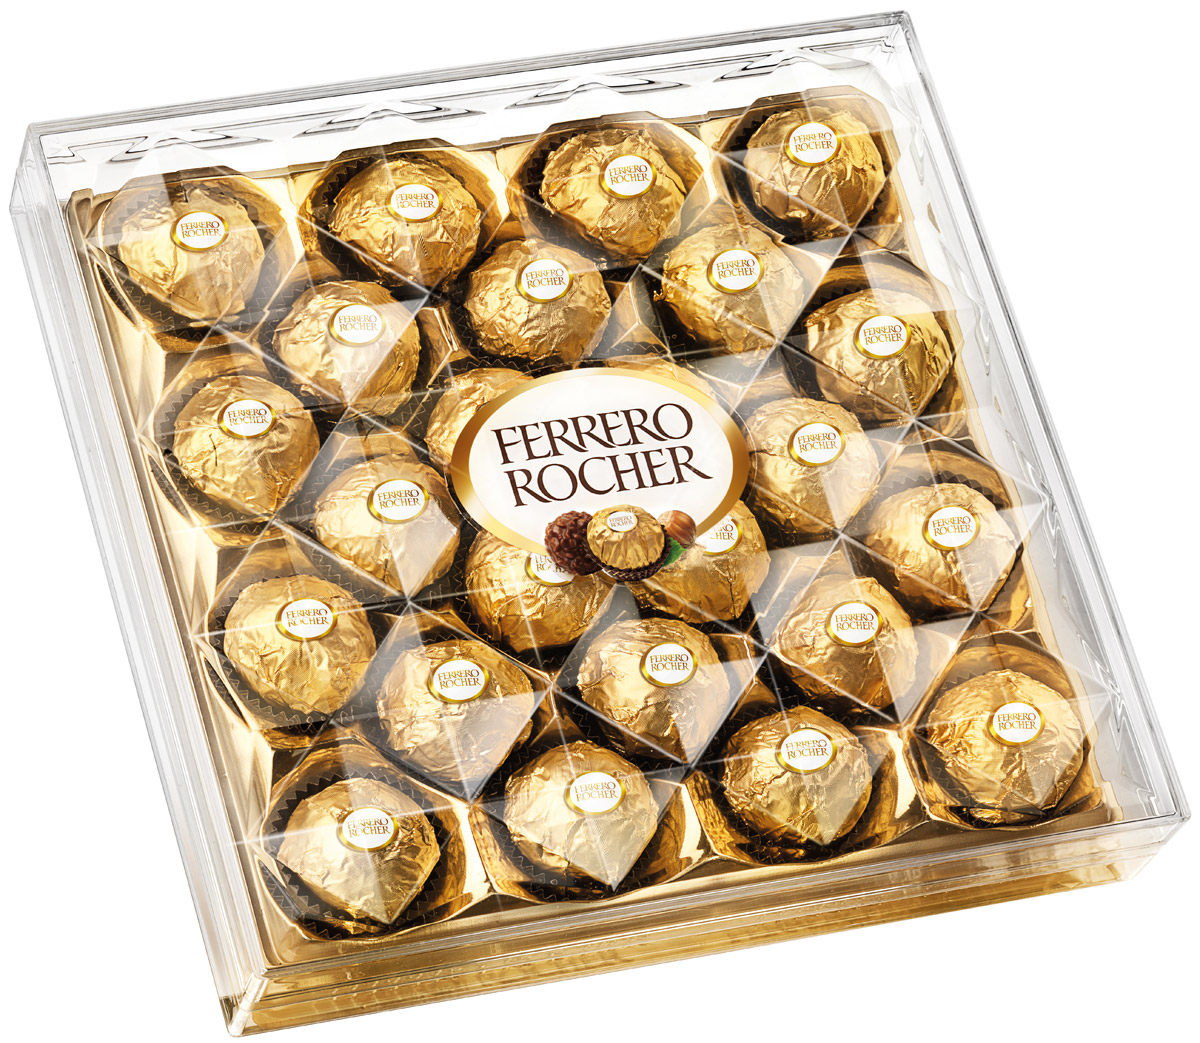 Ferrero Rocher конфеты хрустящие из молочного шоколада, покрытые измельченными орешками, с начинкой из крема и лесного ореха, 300 г lindor конфеты lindor lindt из молочного шоколада 125г